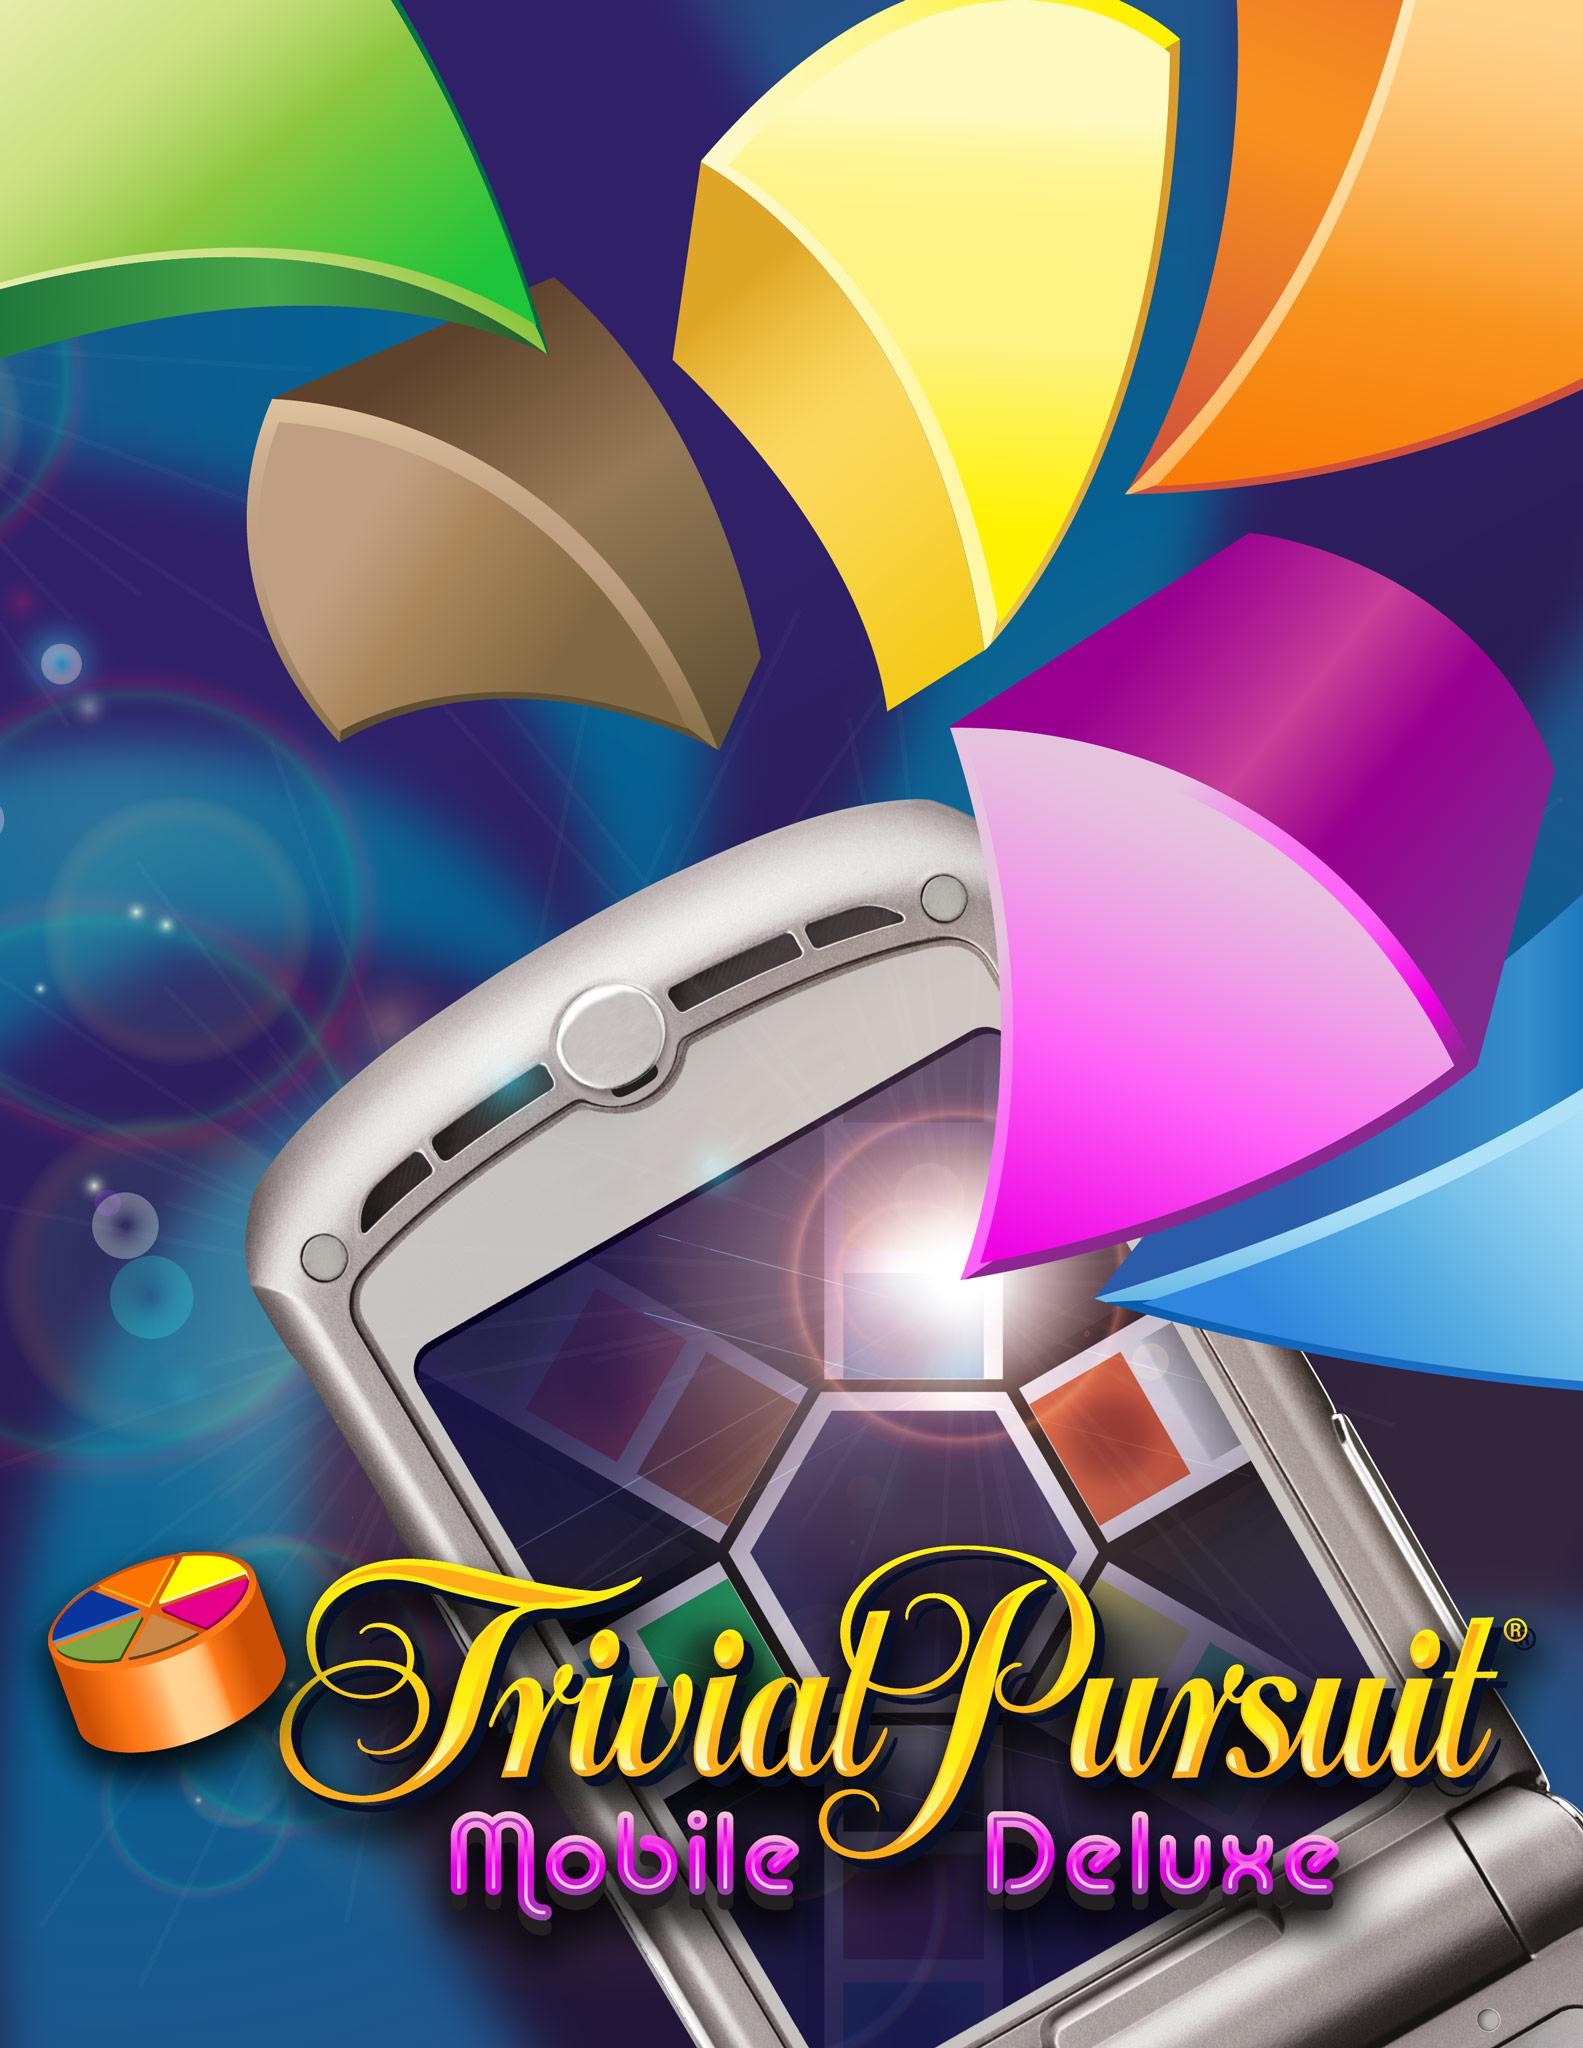 TrivialPursuit_MD_KeyArt.jpg